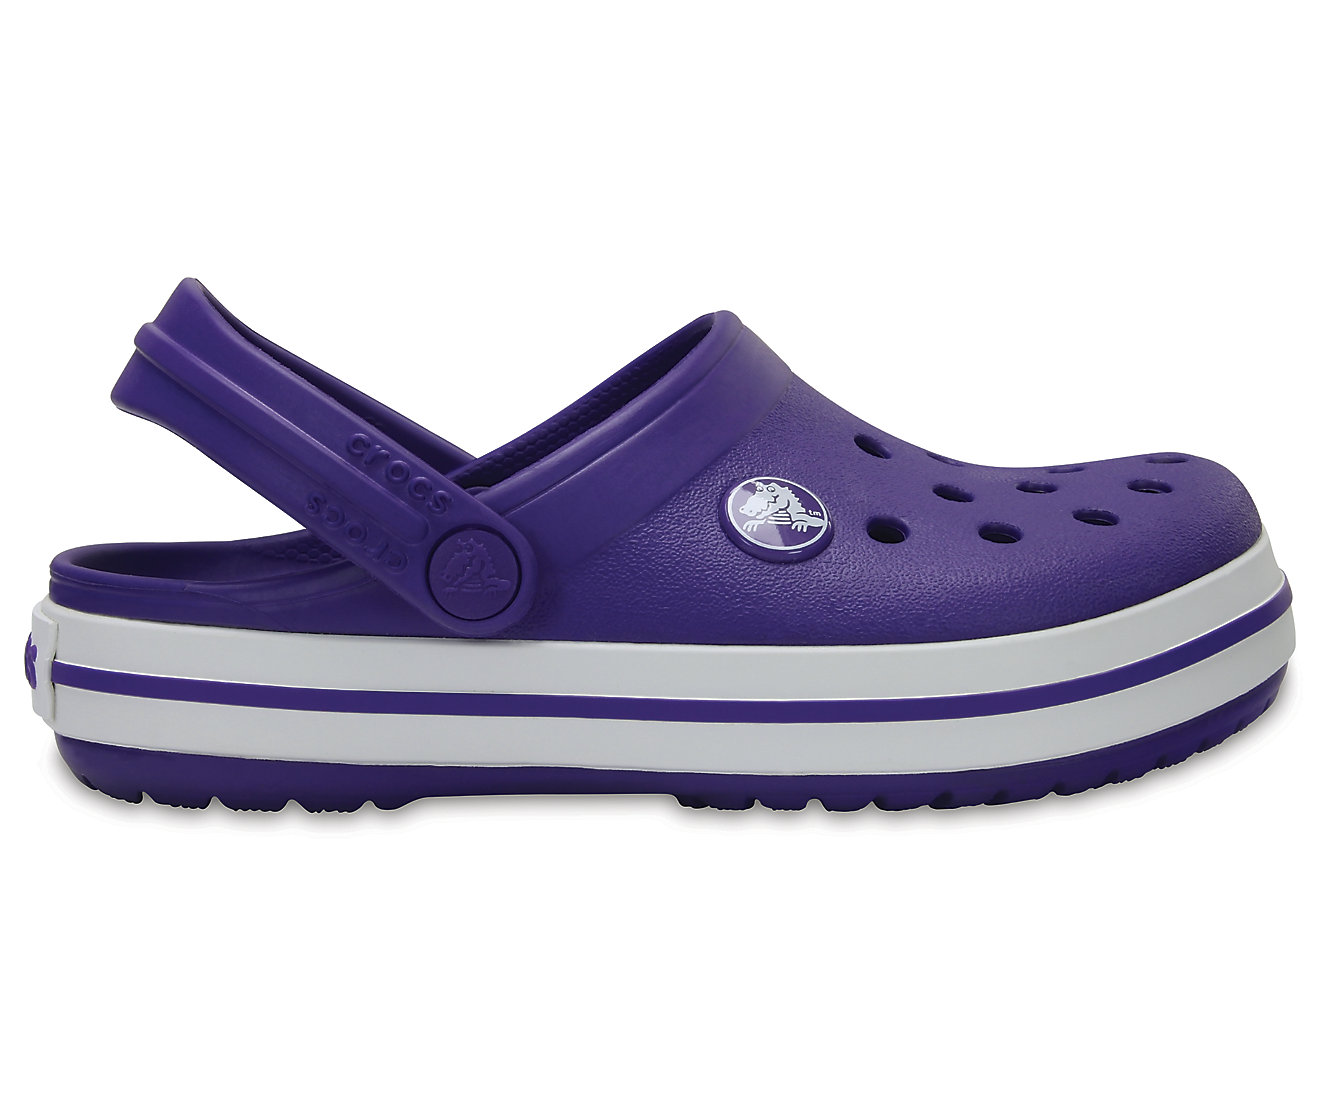 Crocs Crocband Clog K Ultraviolet/White J1